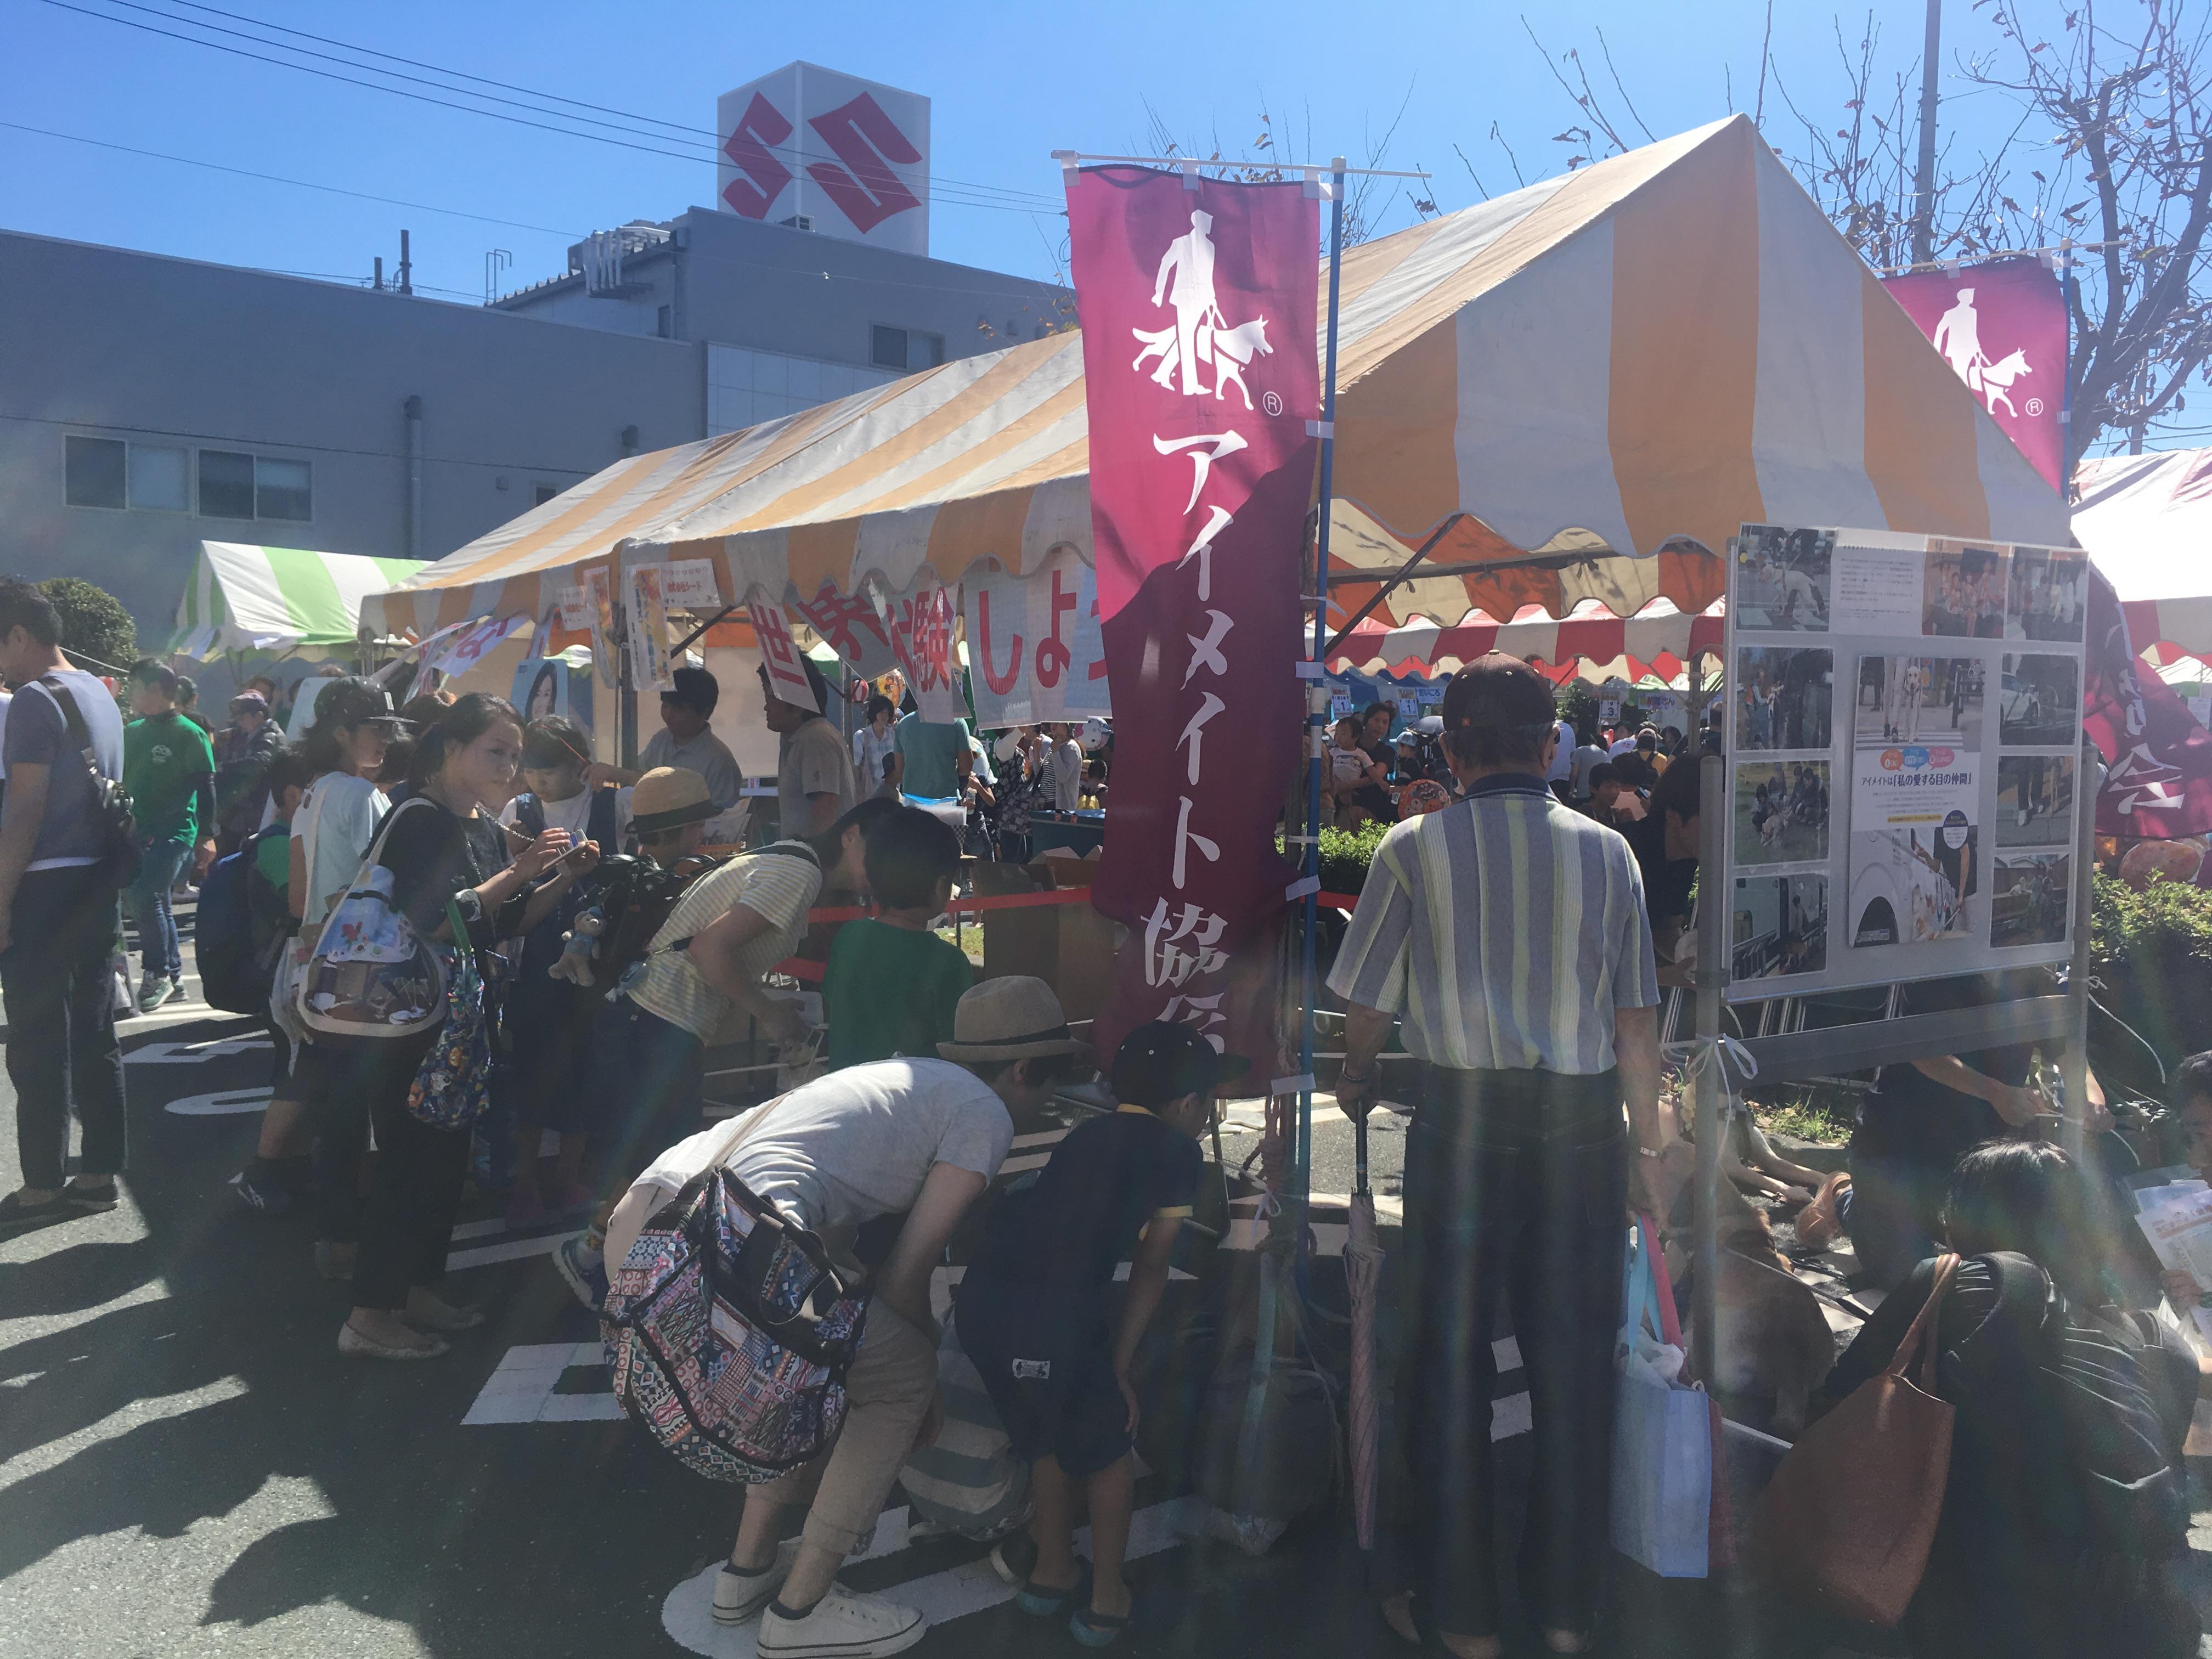 http://www.seed.co.jp/blog/eyemate/IMG_0644.JPG